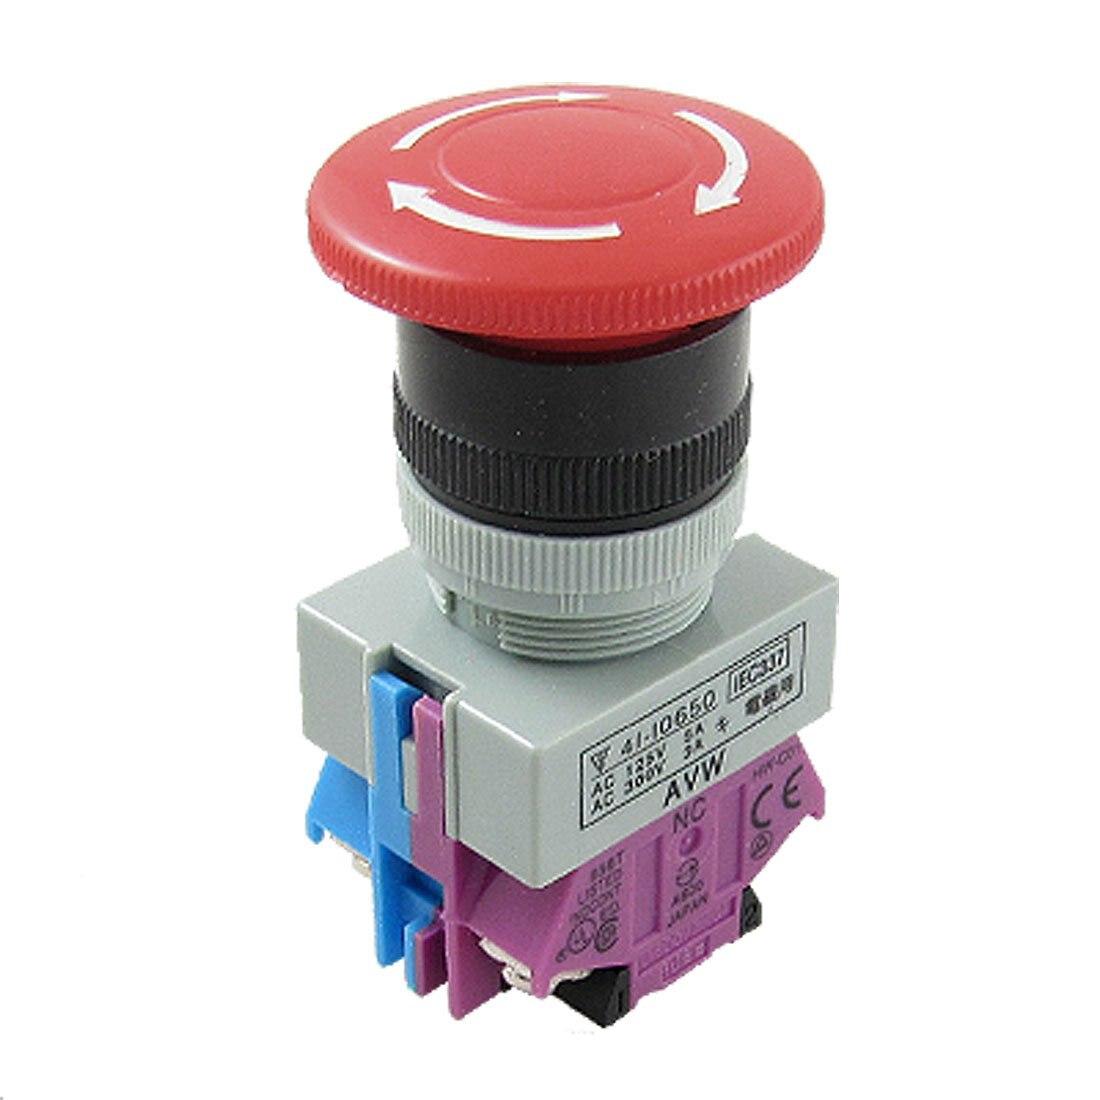 Mango de flor de ciruelo EC11 codificador rotatorio de 20 mm potenci/ómetro digital con interruptor de cinco pies interruptor codificado